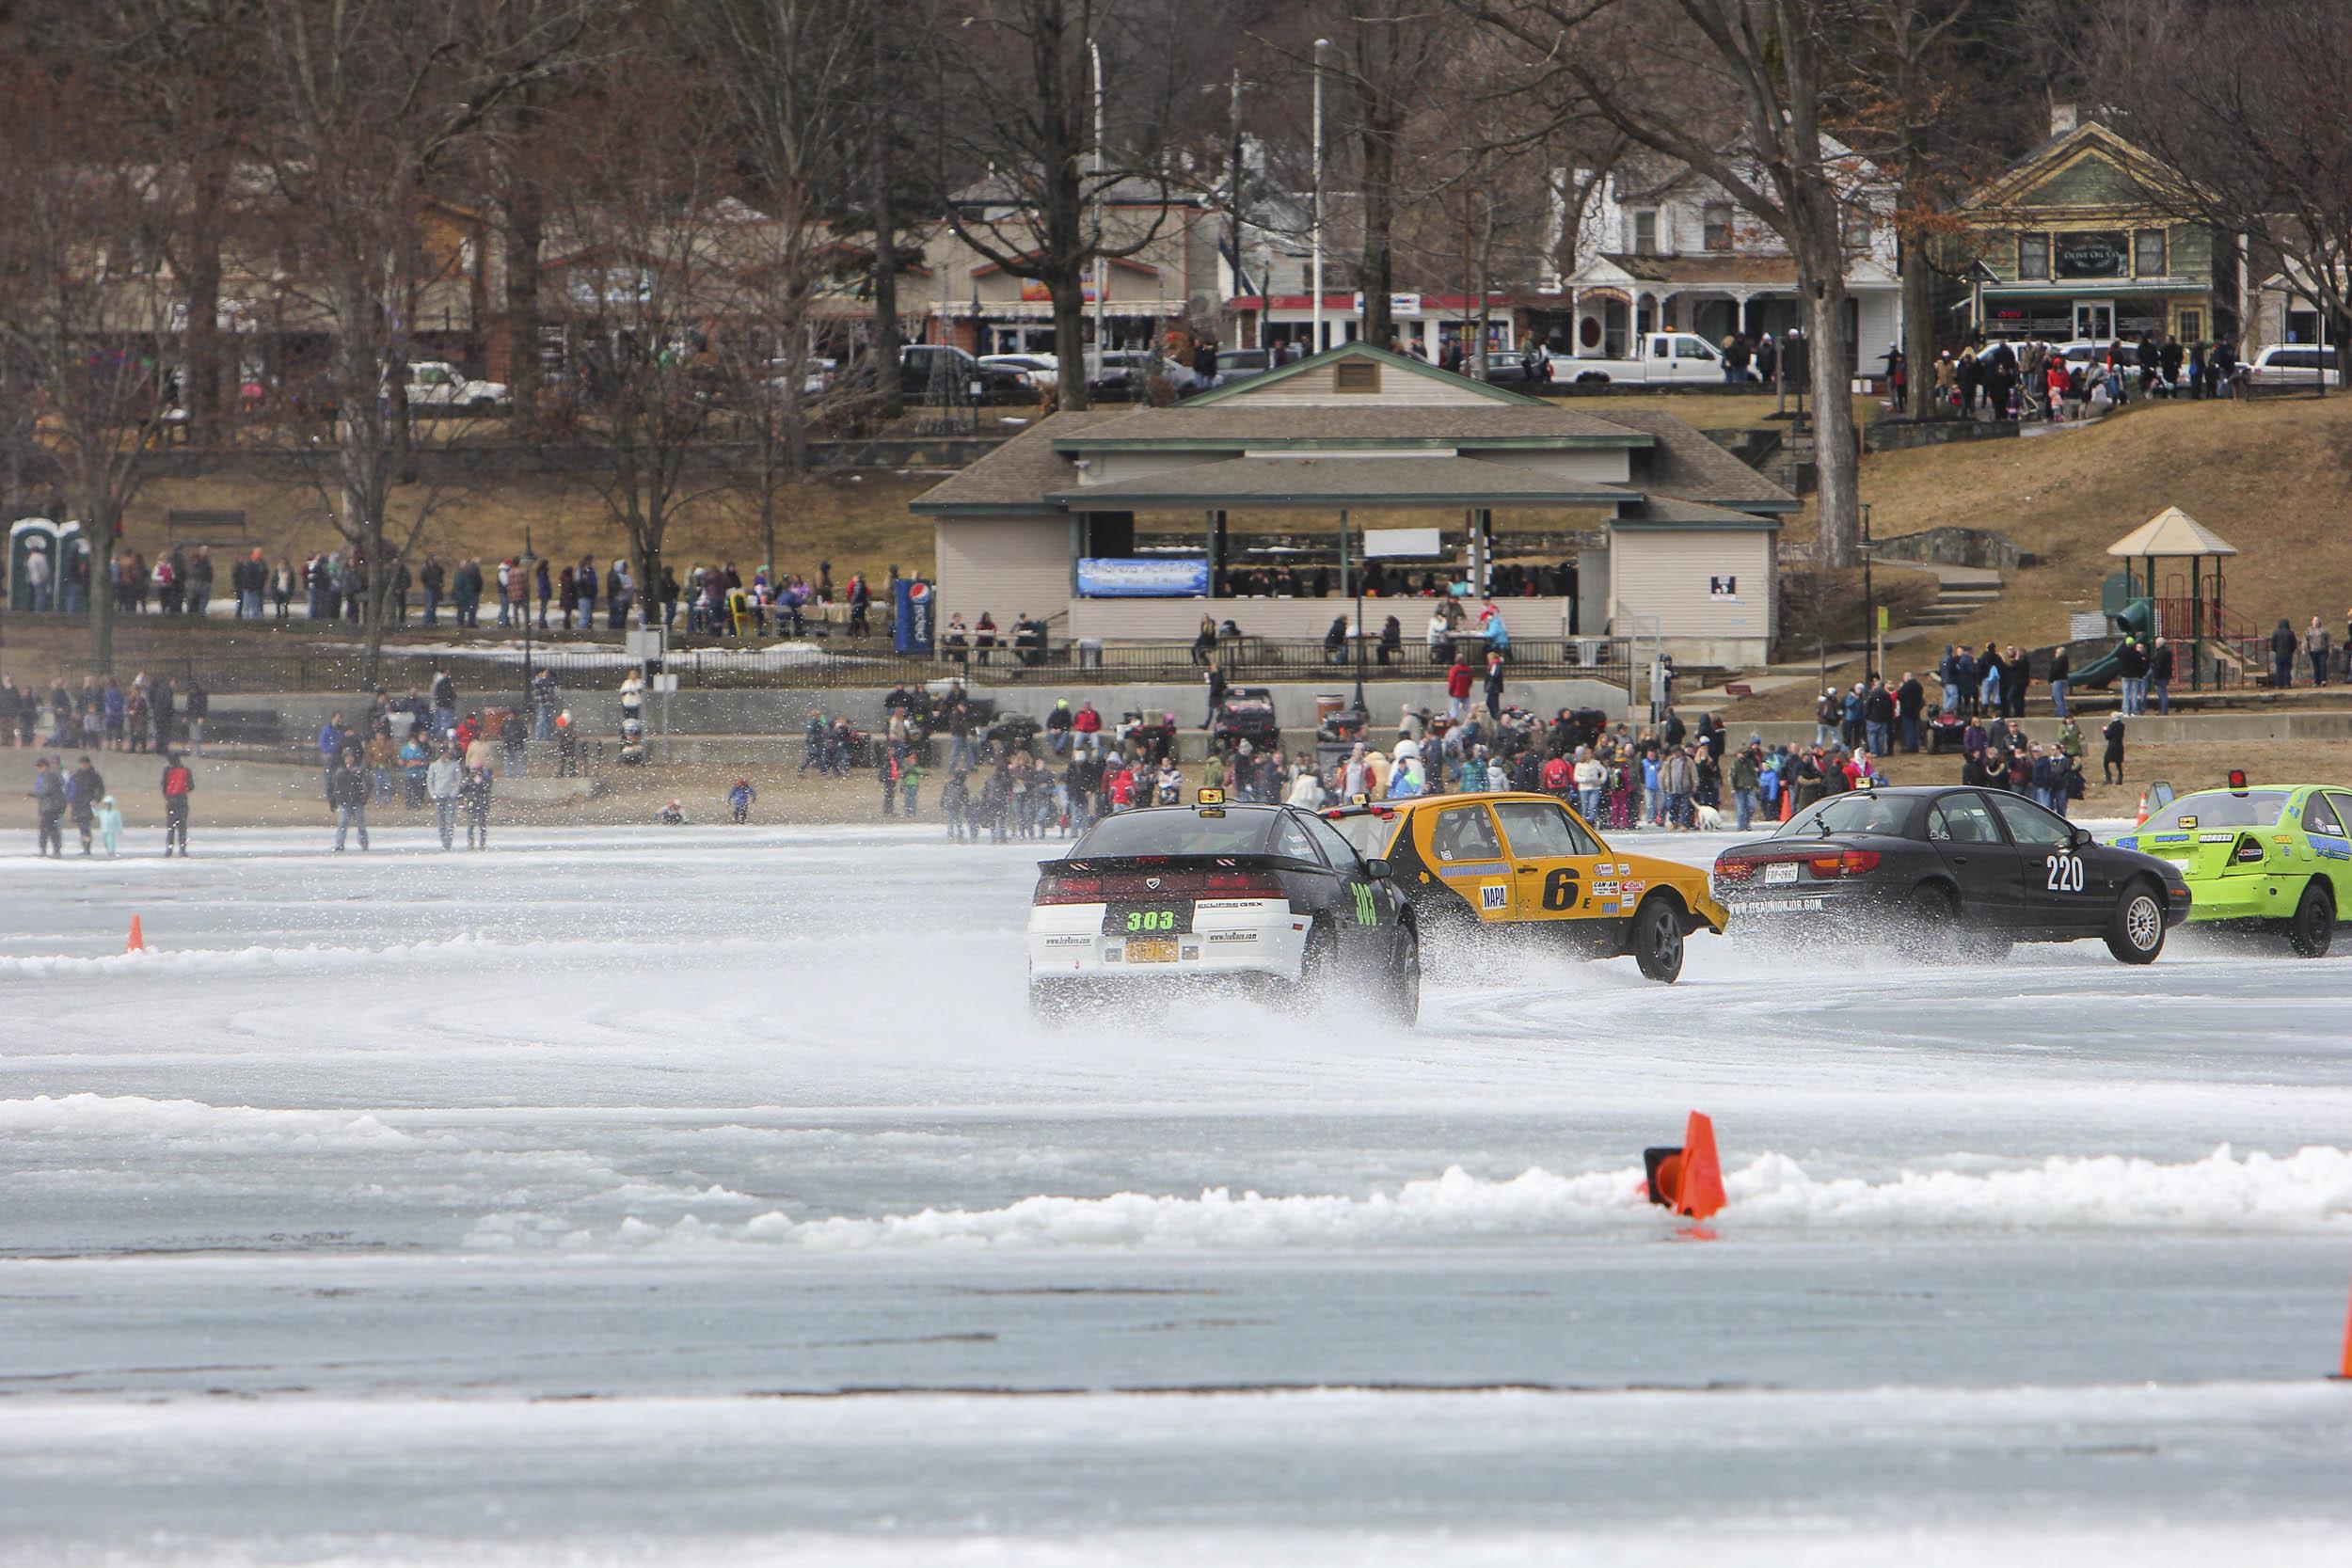 ice racing draws a crowd